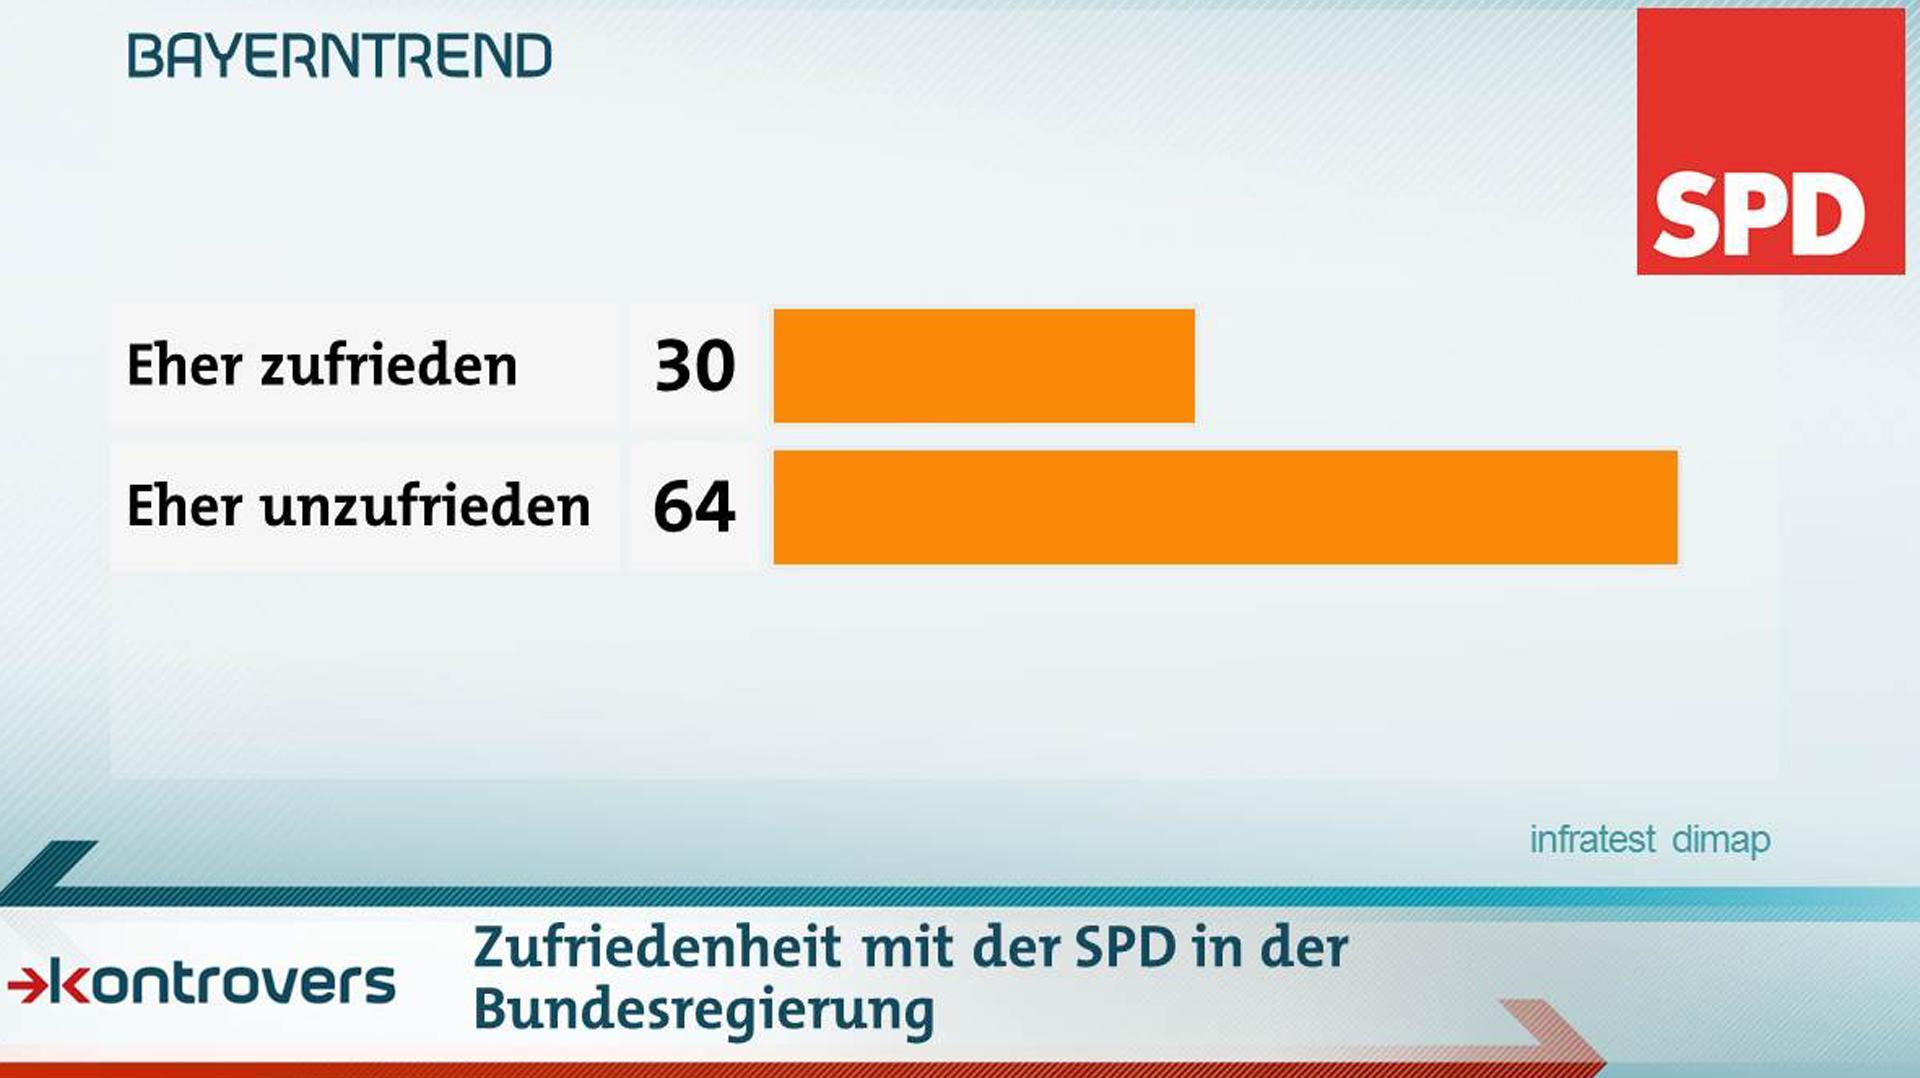 30 Prozent sind mit der Arbeit der SPD in der Bundesregierung eher zufrieden, 64 eher unzufrieden